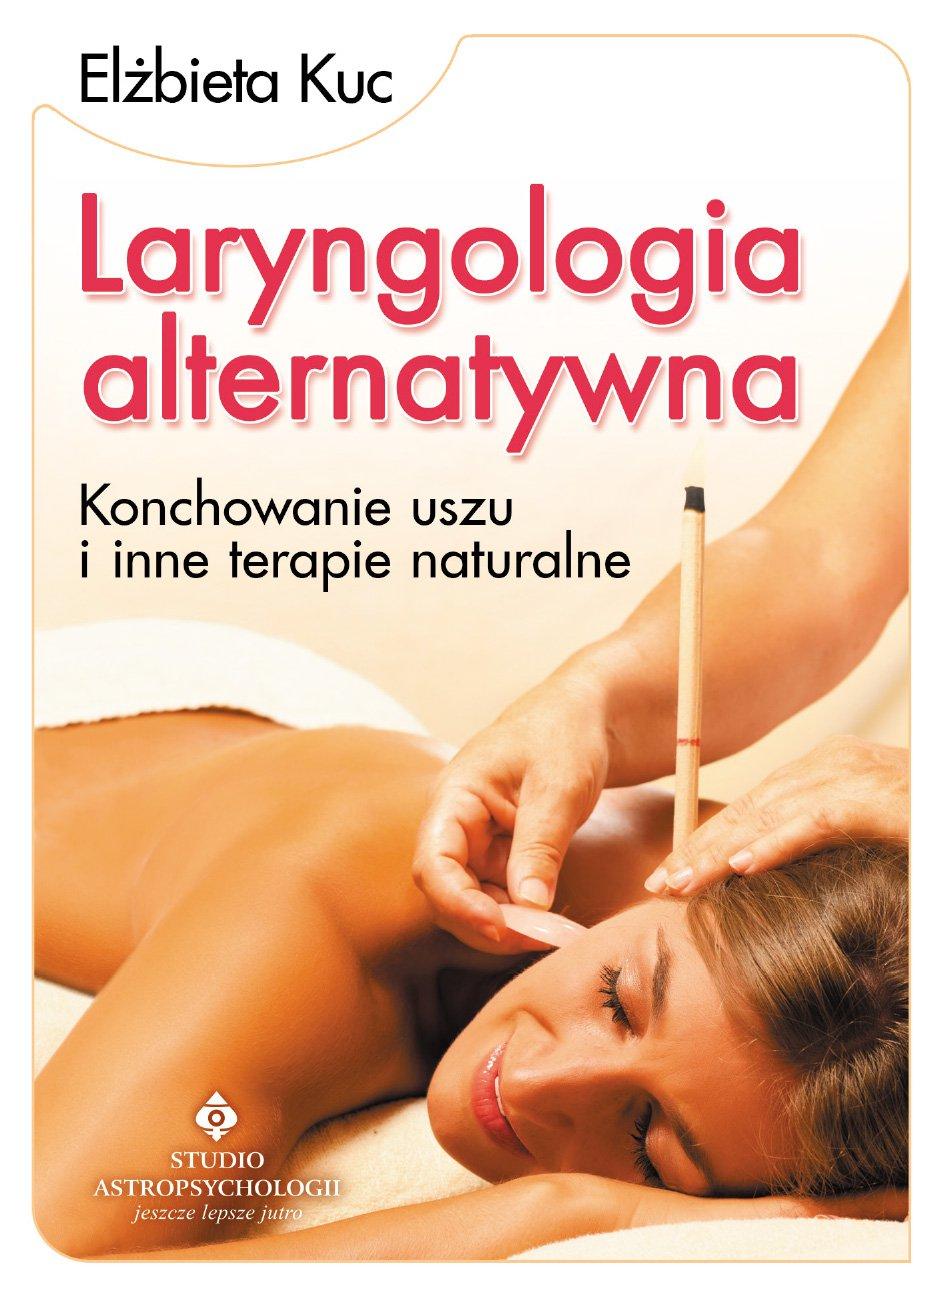 Laryngologia alternatywna. Konchowanie uszu i inne terapie naturalne - Ebook (Książka PDF) do pobrania w formacie PDF